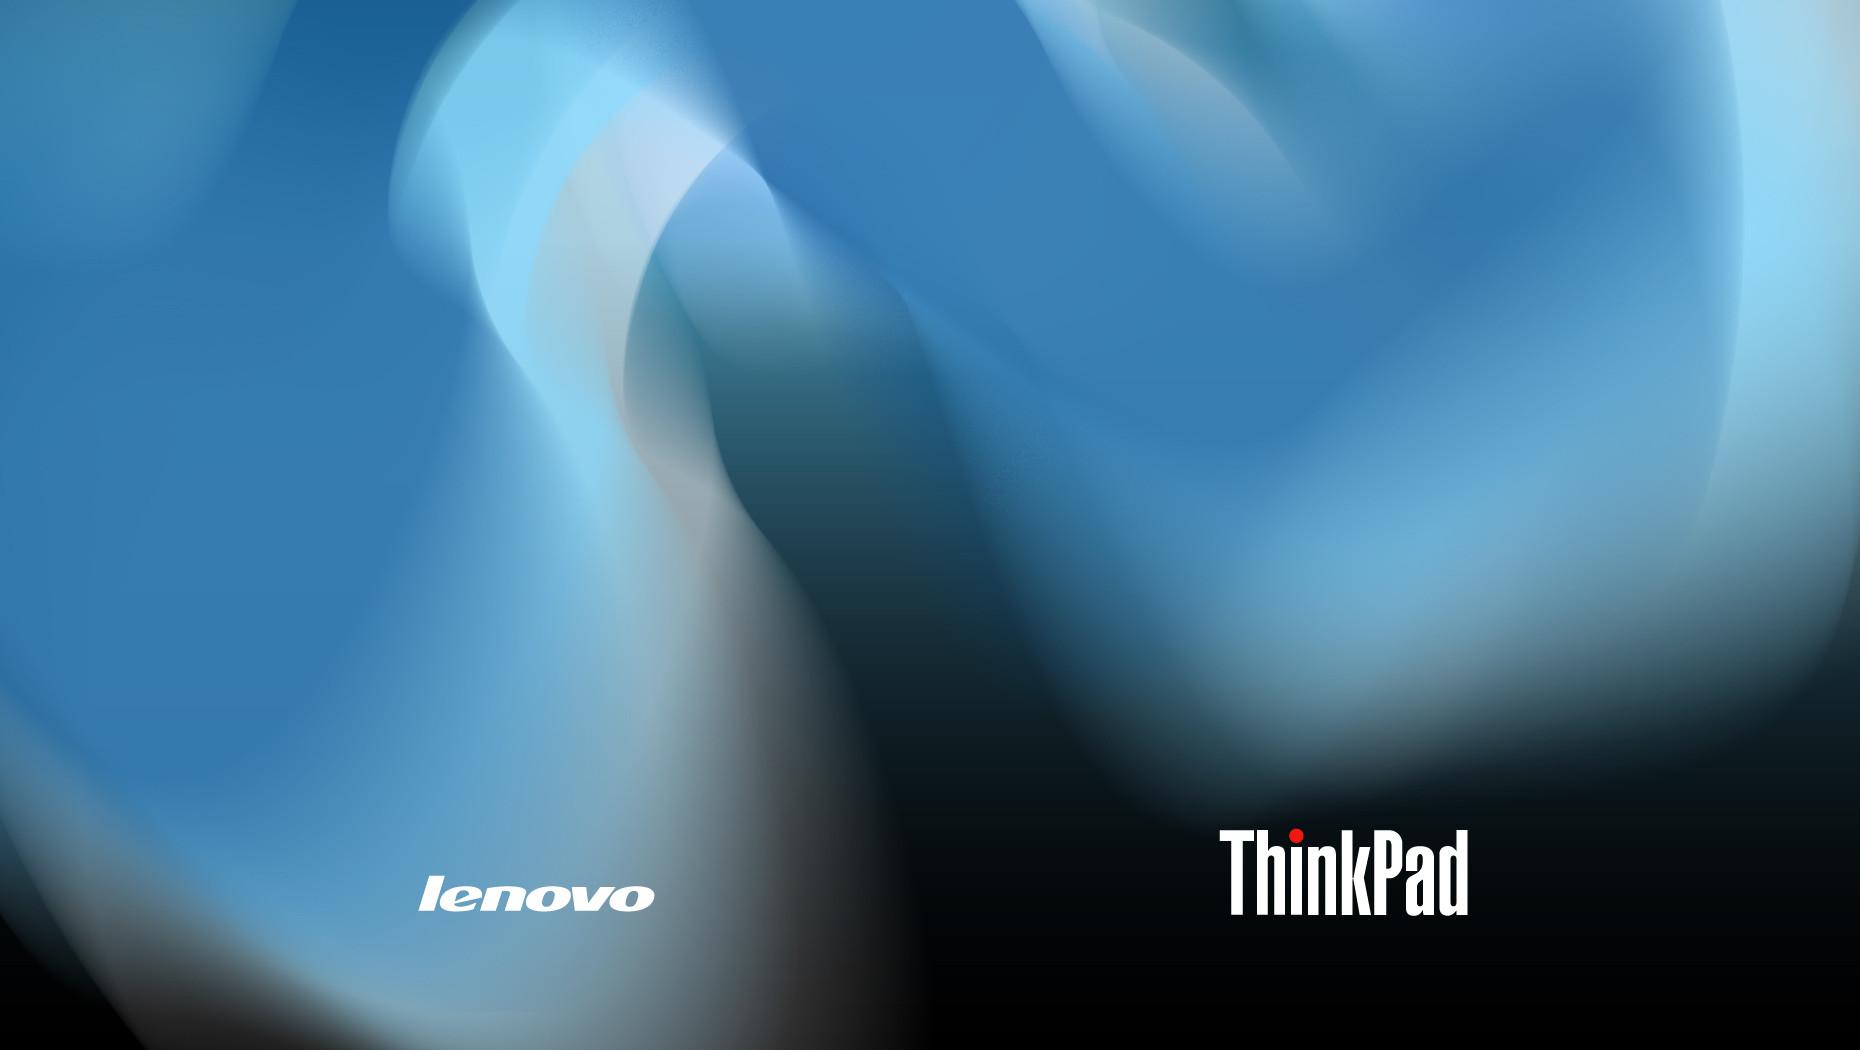 high definition wallpapers lenovo thinkpad ibm think wallpaper 1860x1050